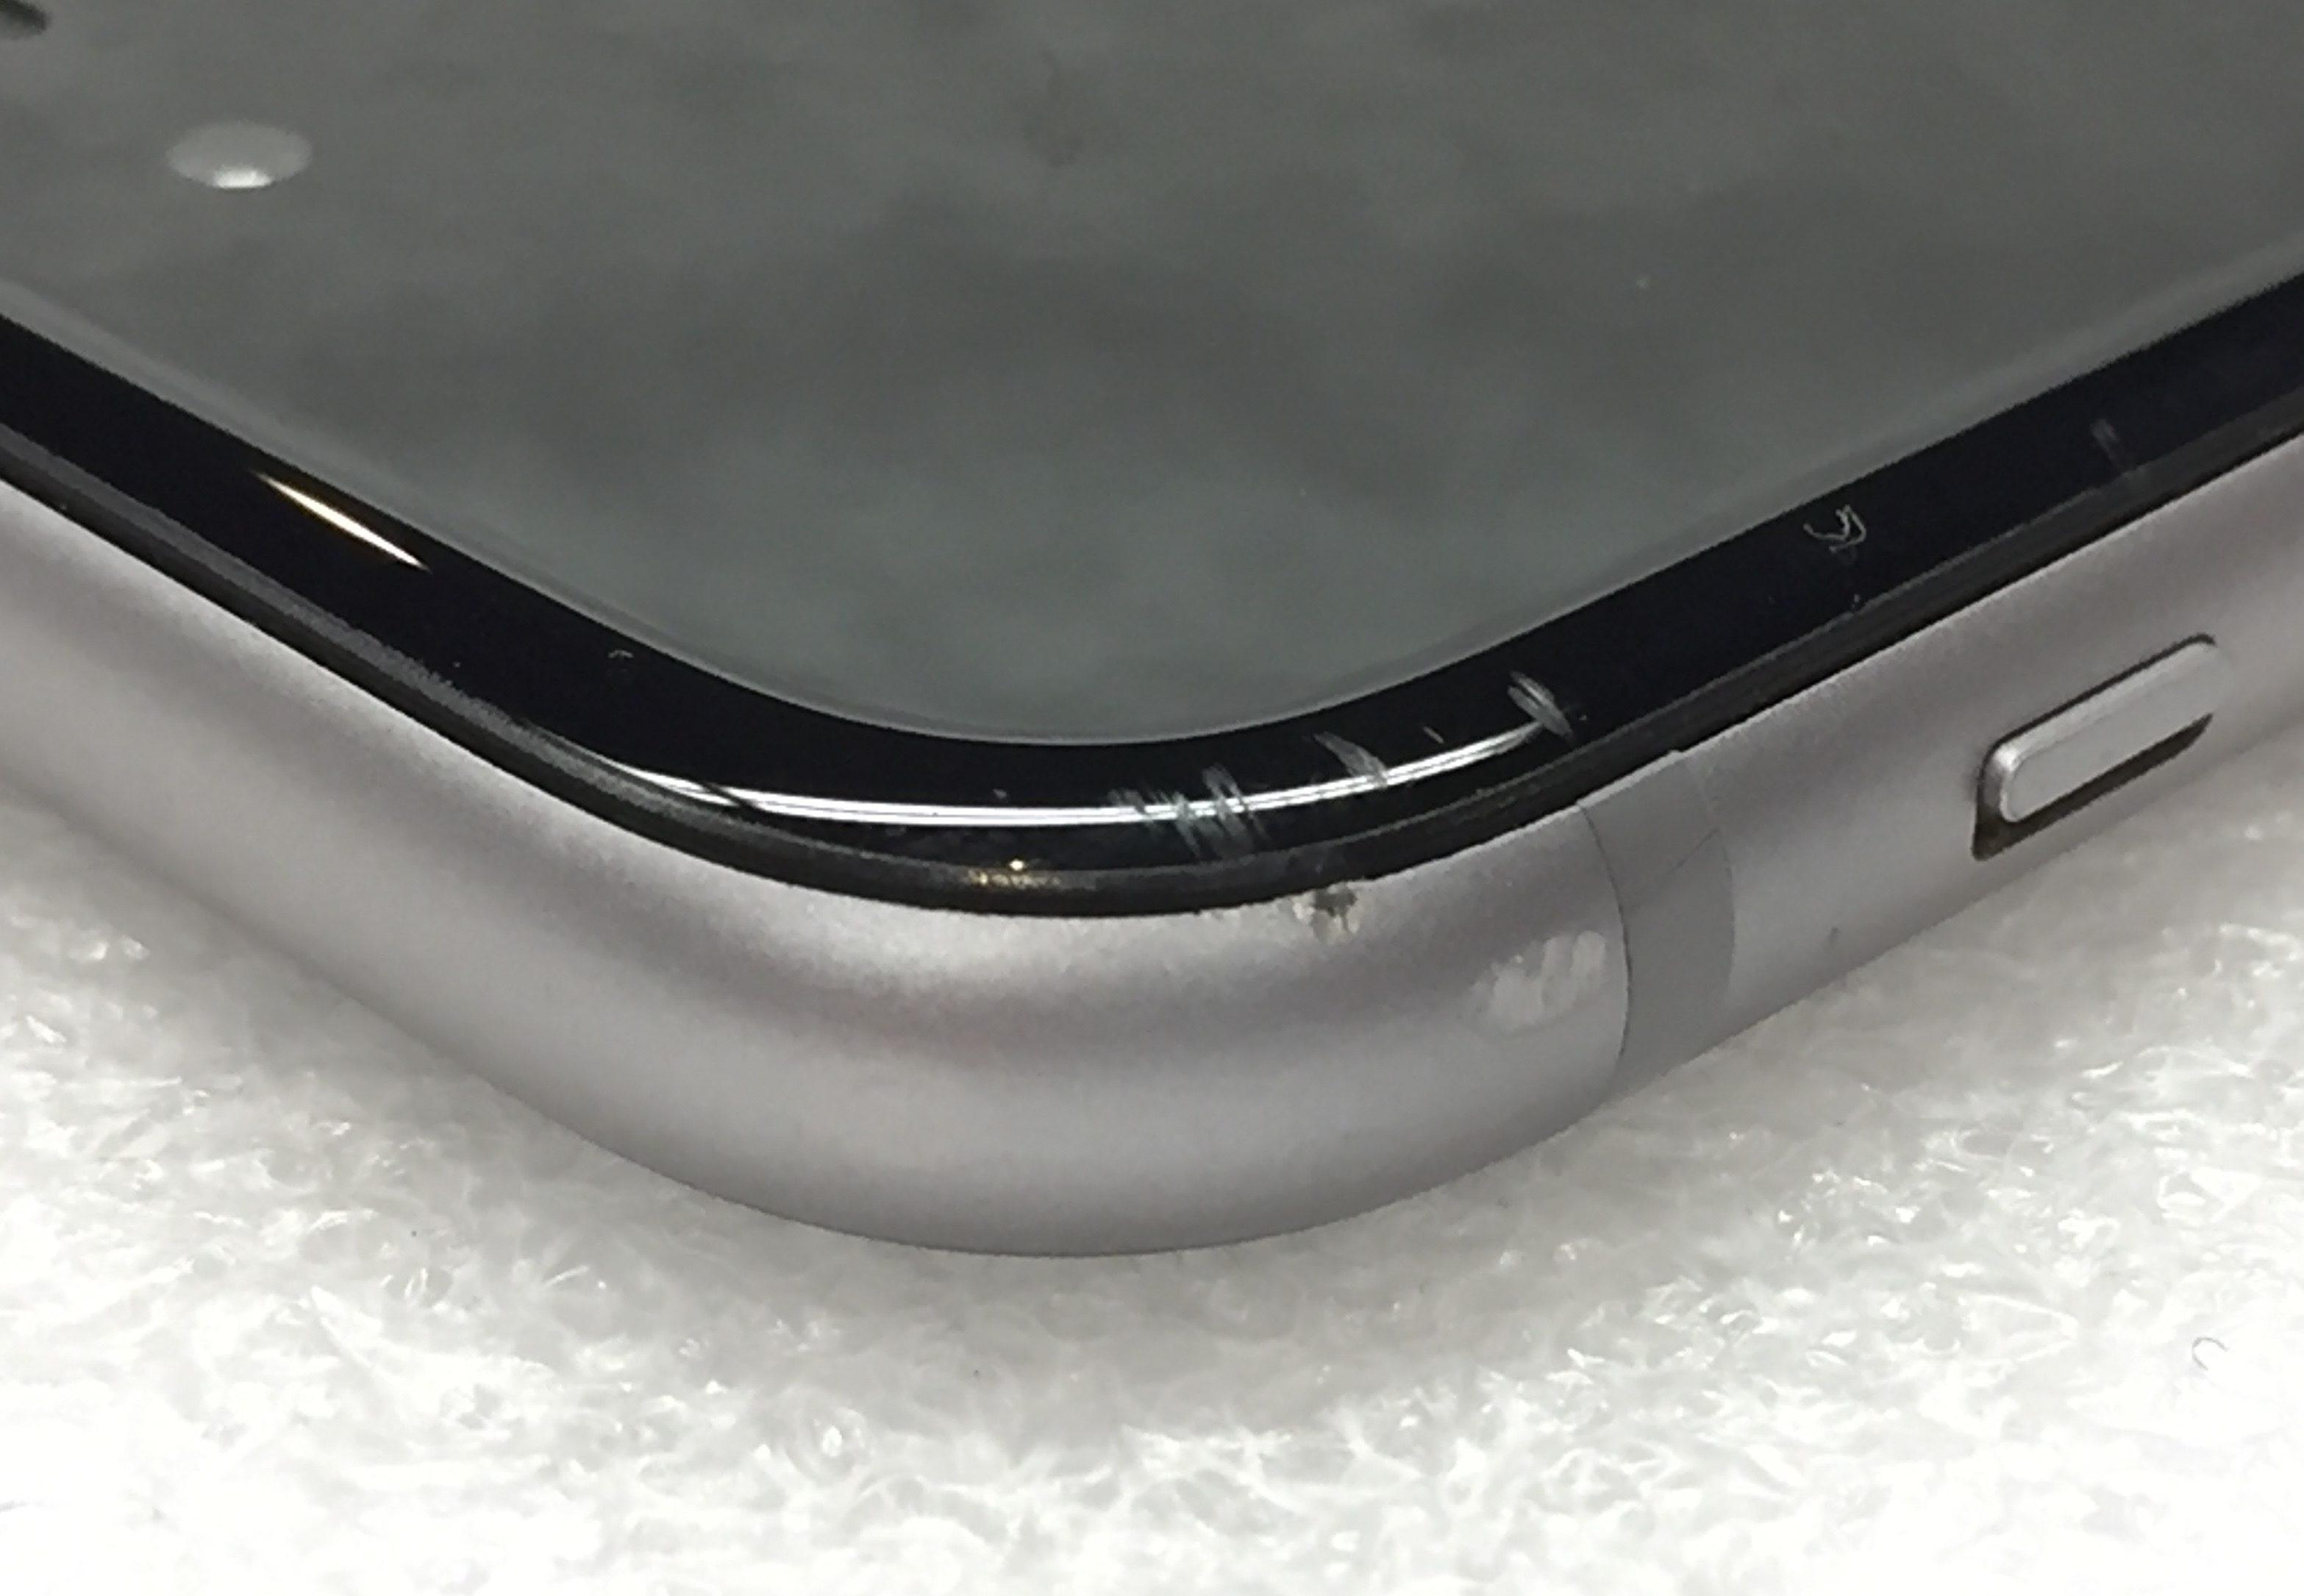 iPhone 6plus, 64 GB, Gris espacial, imagen 7